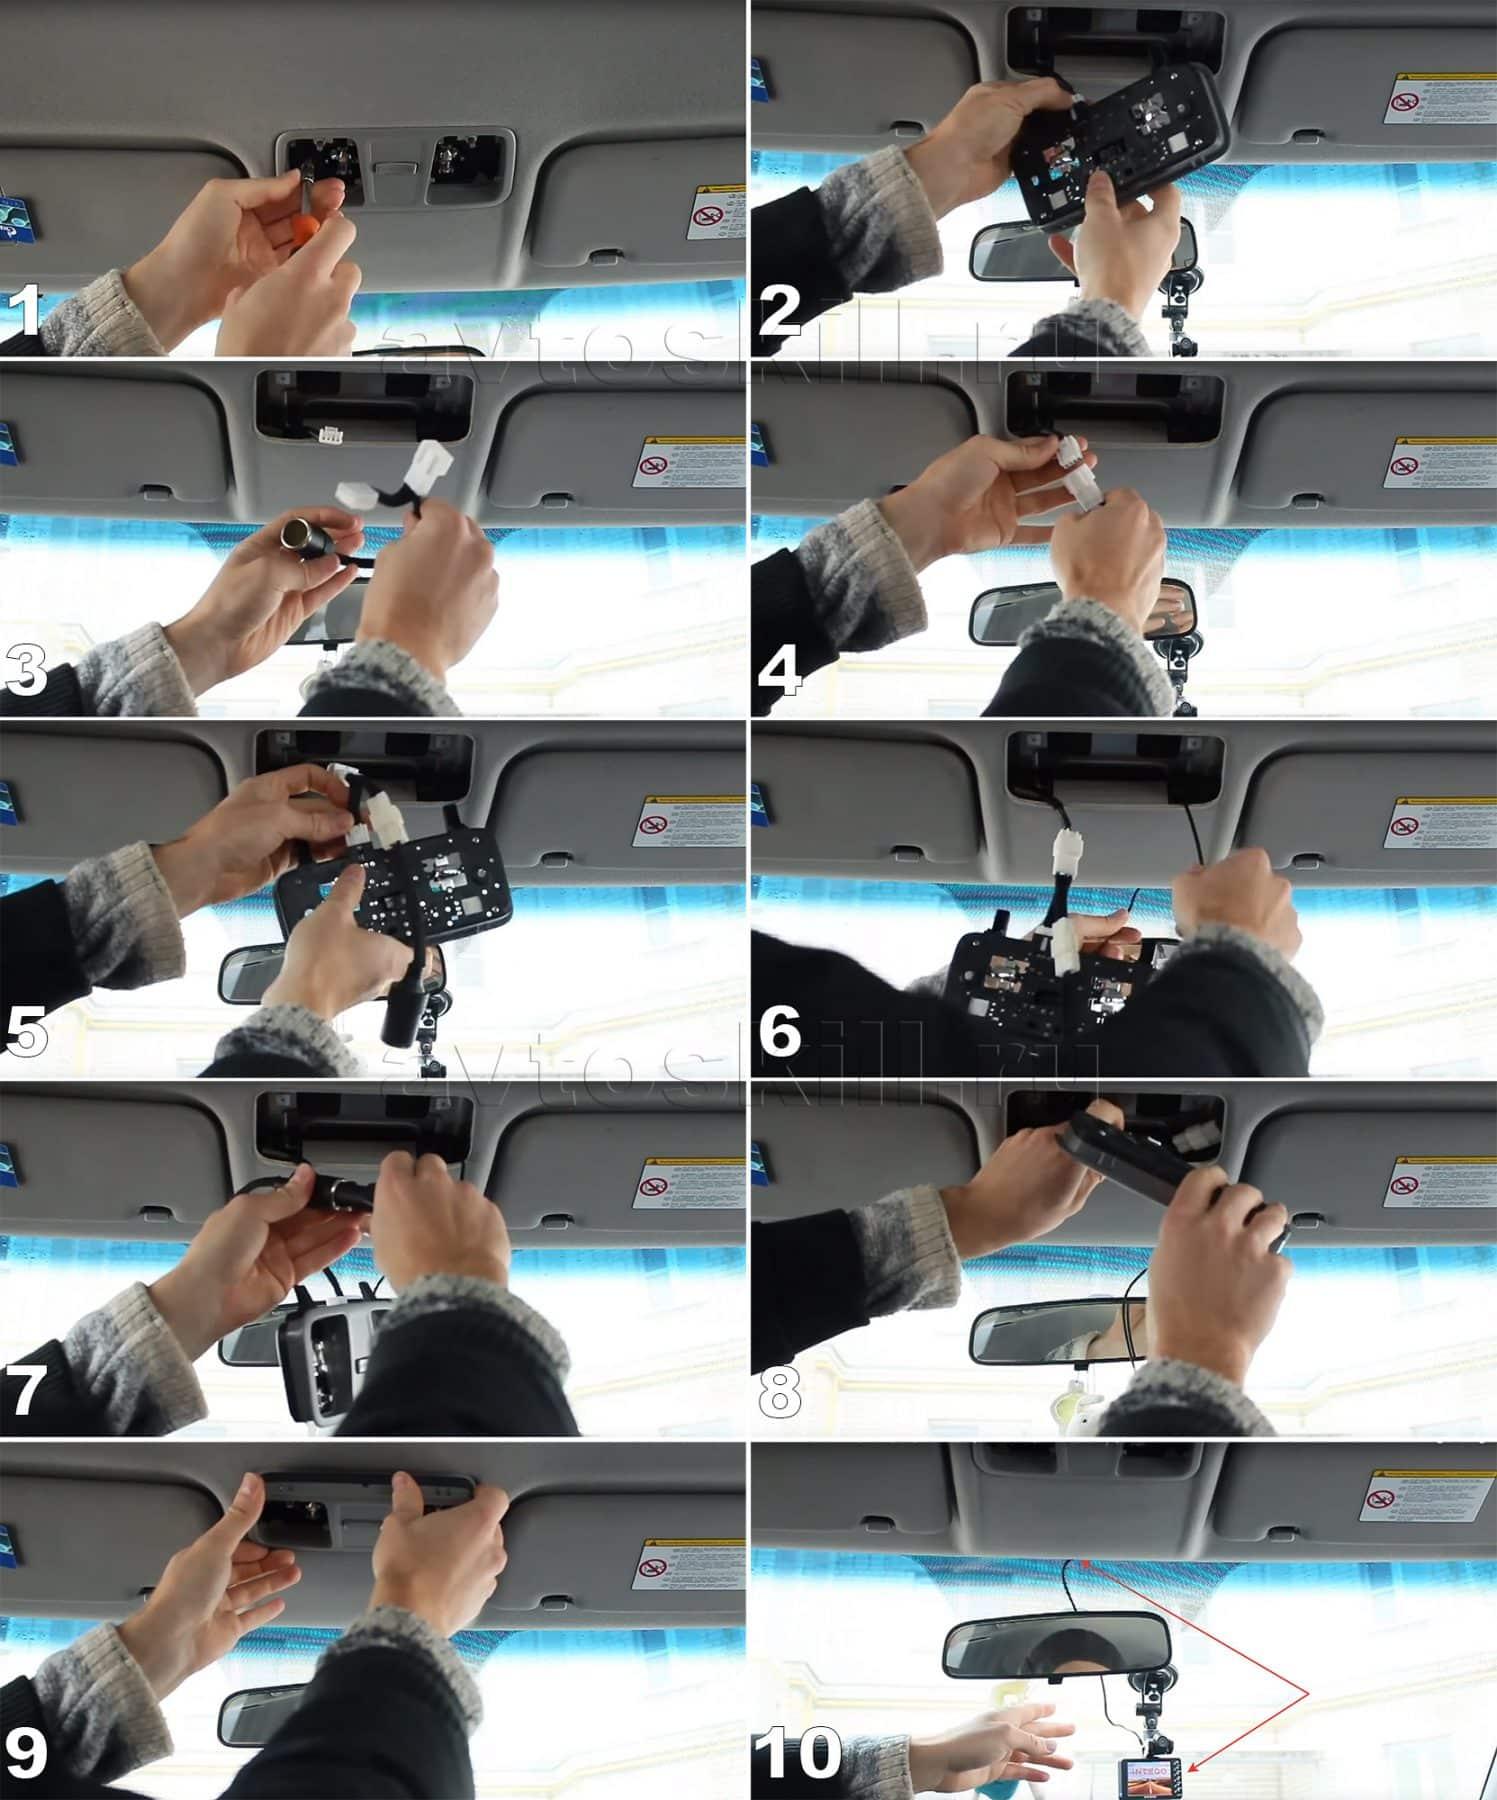 Подключение видеорегистратора к плафону освещения | Как подключить видеорегистратор без прикуривателя